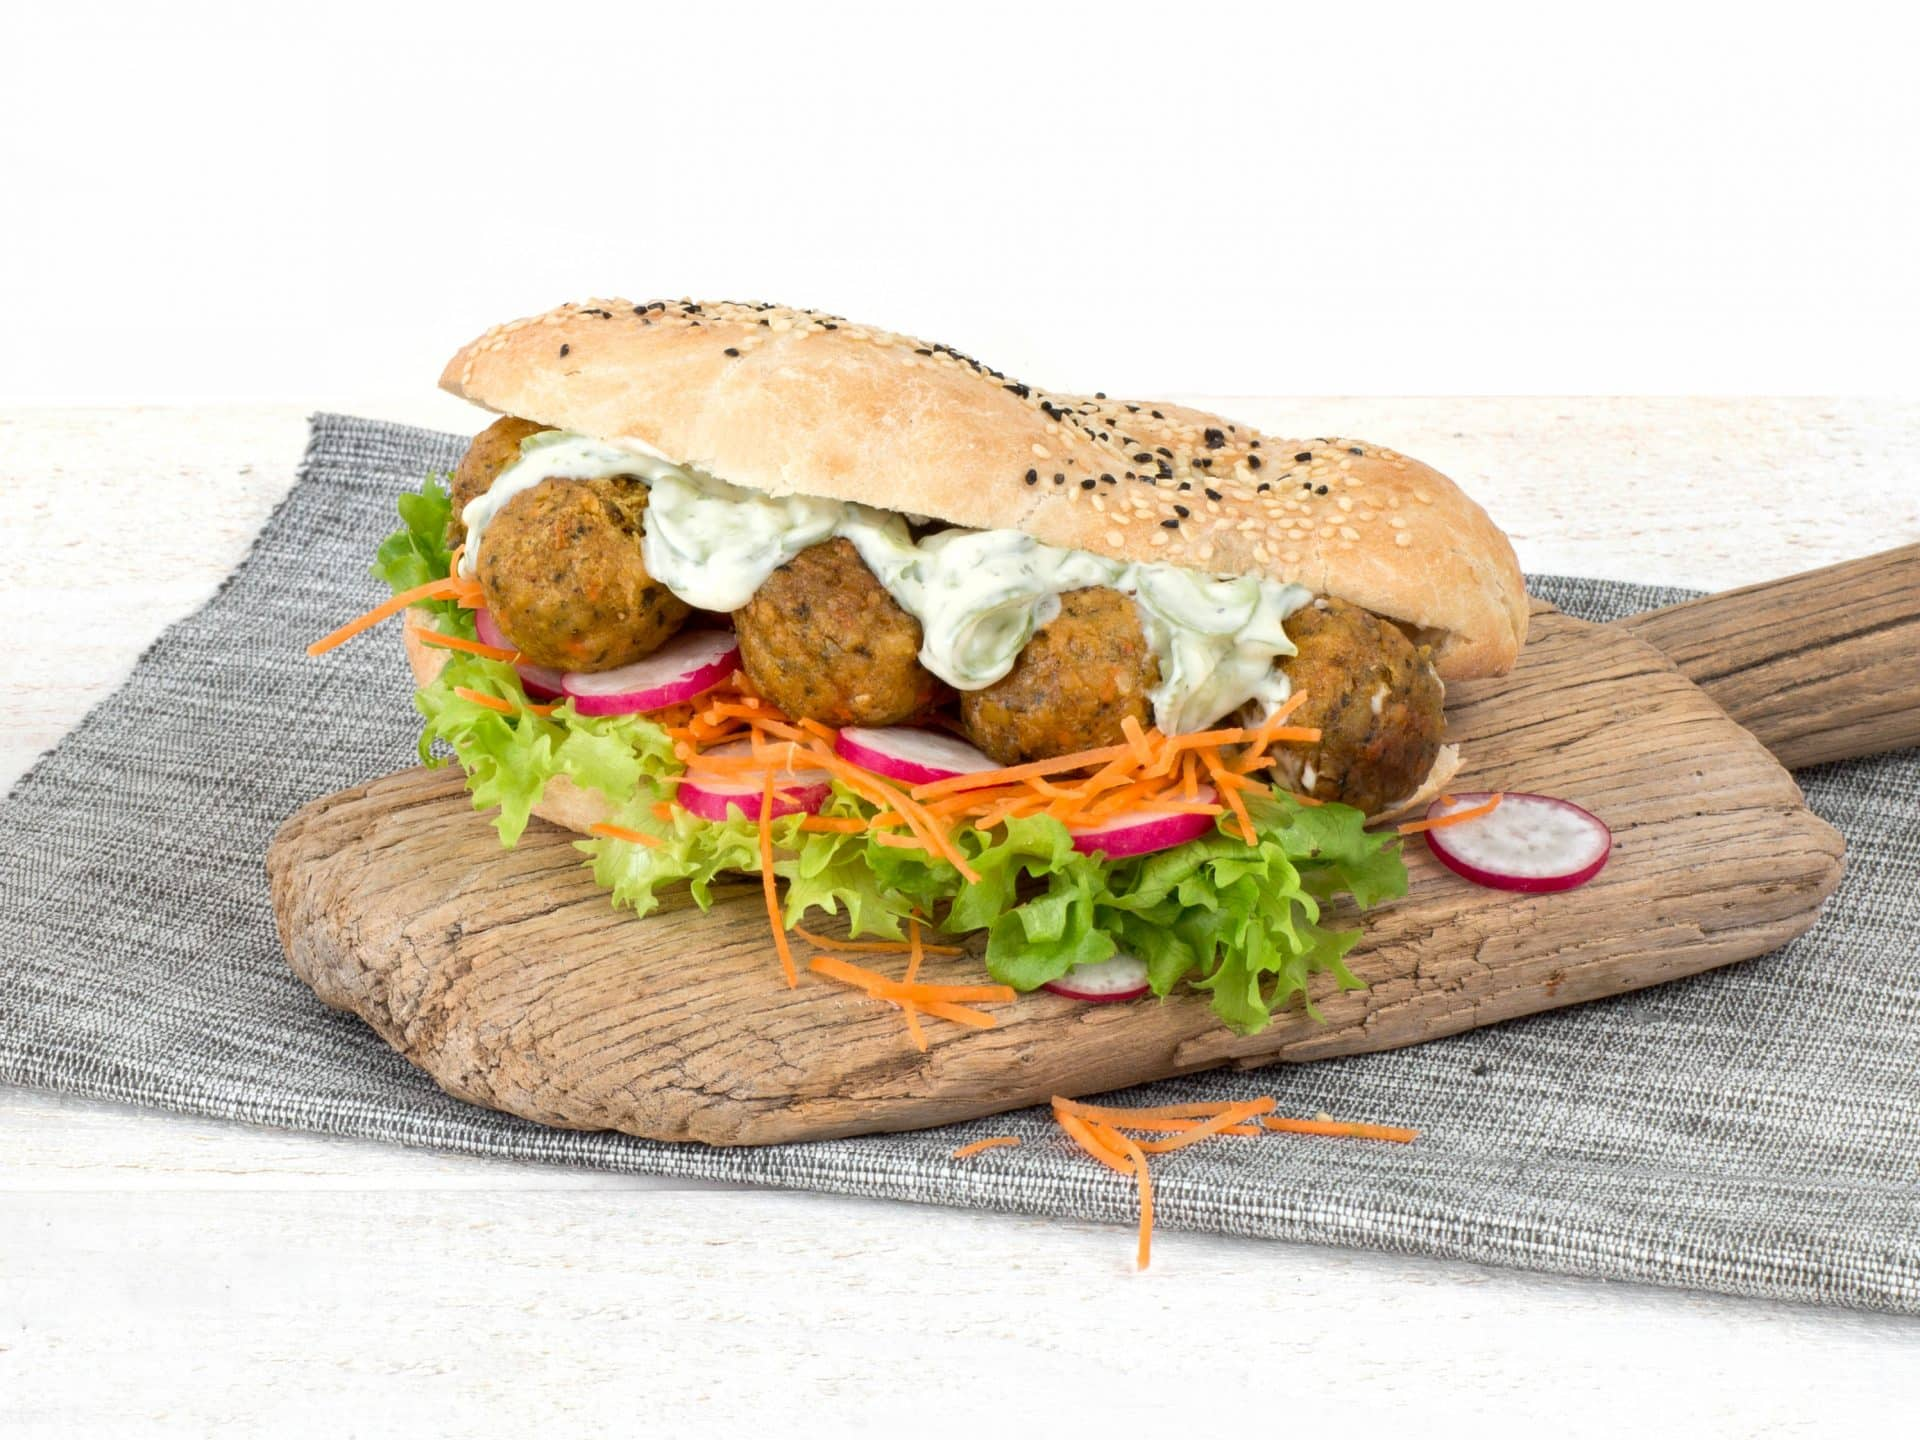 substitut de viande: Le falafel végétalien,